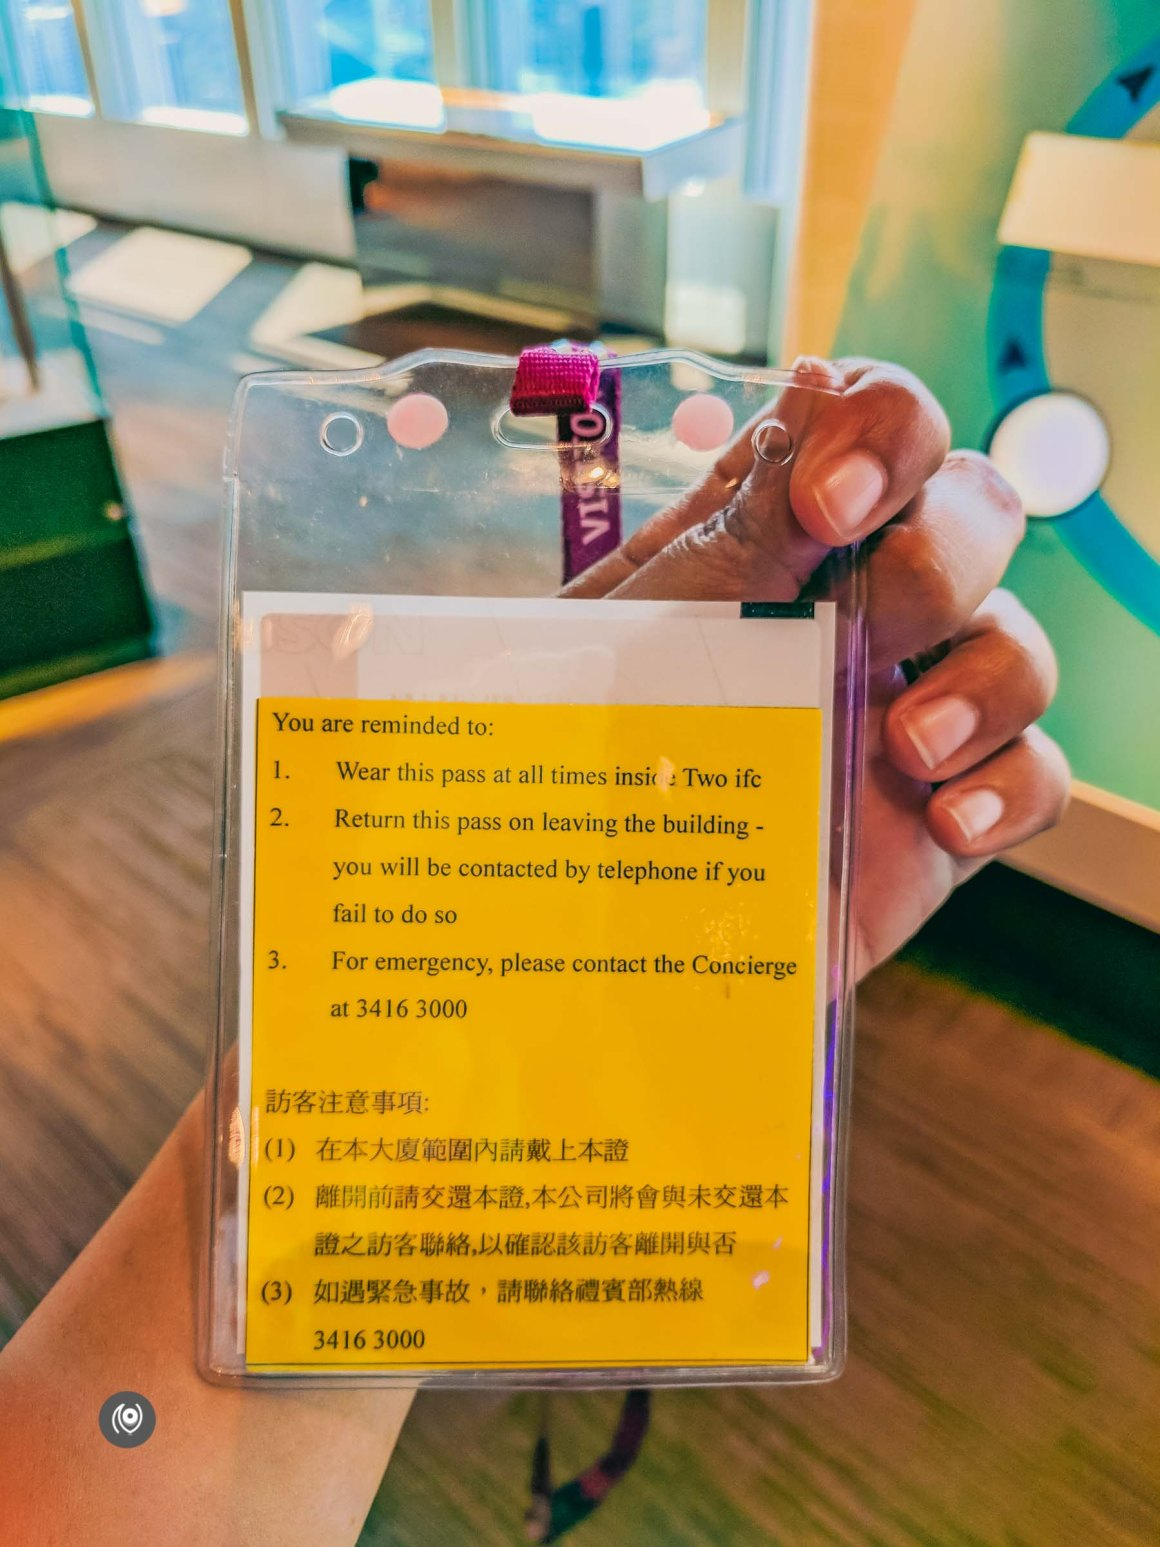 Naina.co, HongKong, EyesForHK, HKSAR, EyesForDestinations, Layover, Victoria Harbor, Sunrise, Sunset, Travel Photographer, Travel Blogger, Professional Photographer, Professional Blogger, South Eastern China, Hong Kong Special Administrative Region, Visa for Indians, Hong Kong, Hong Kong SAR, TeamPixel, NAINAxGoogle, EyesForHongKong, EyesForHKSAR, EyesForChina